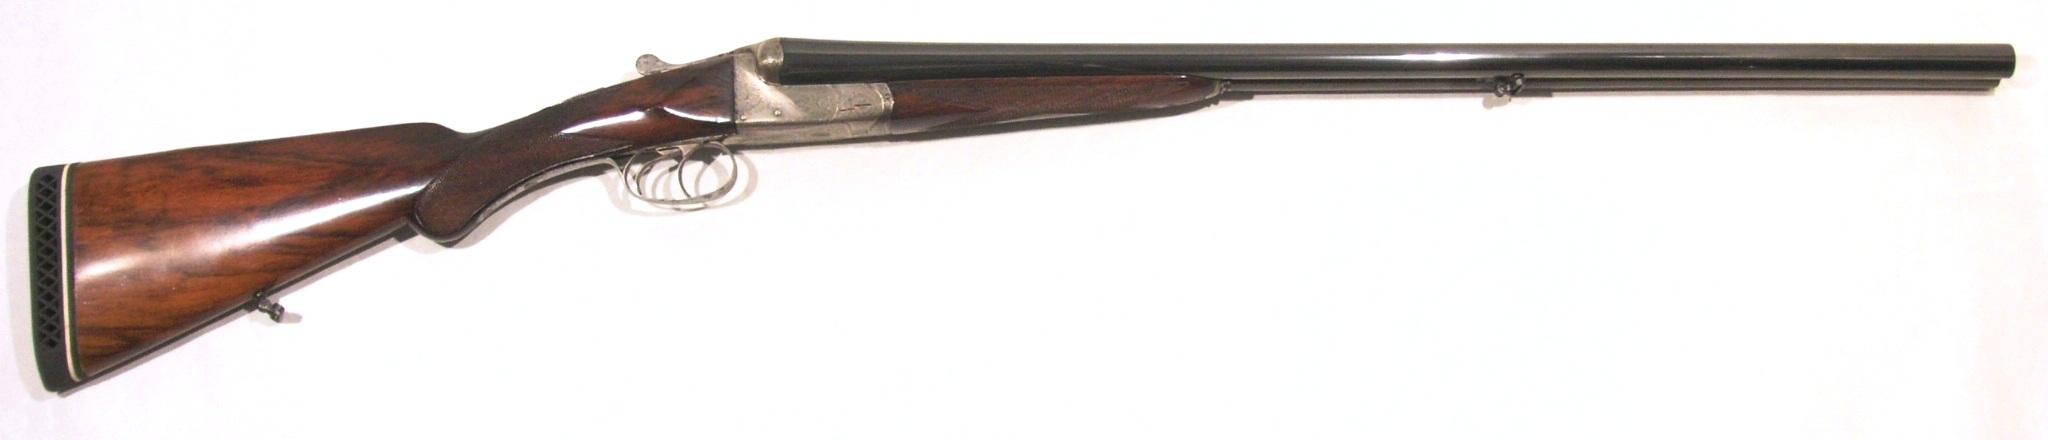 Escopeta JABALI, modelo 30, calibre 12, nº 18678-0